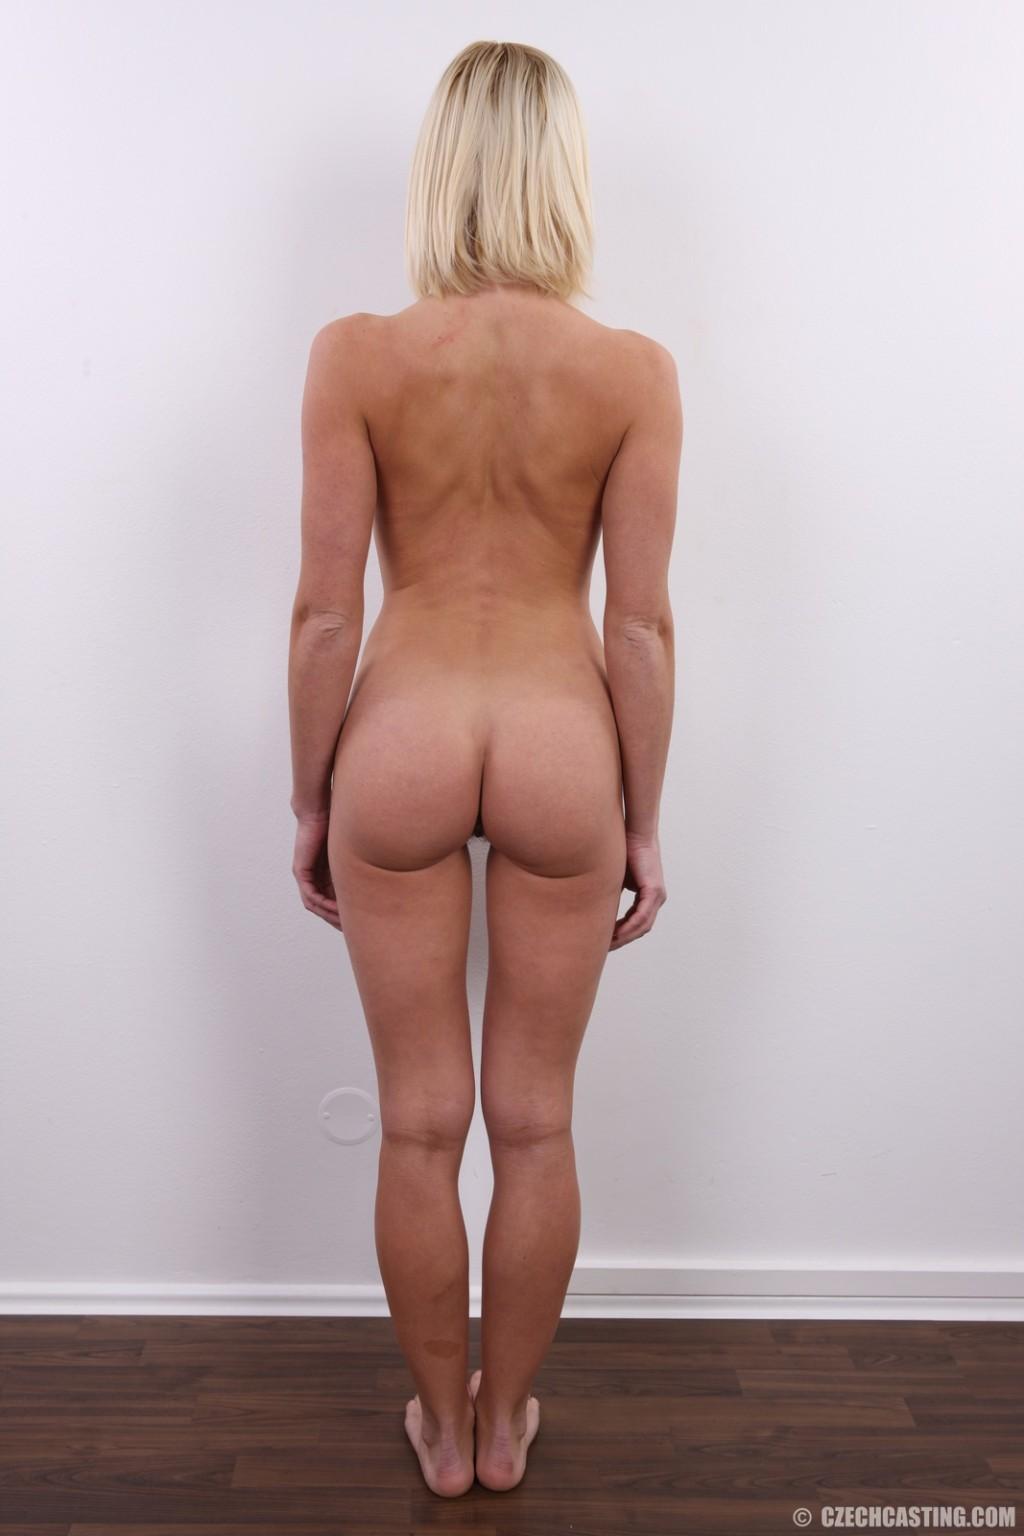 Улыбчивой блондинке приходится снять все, чтоб показать, что она достойна желаемой работы